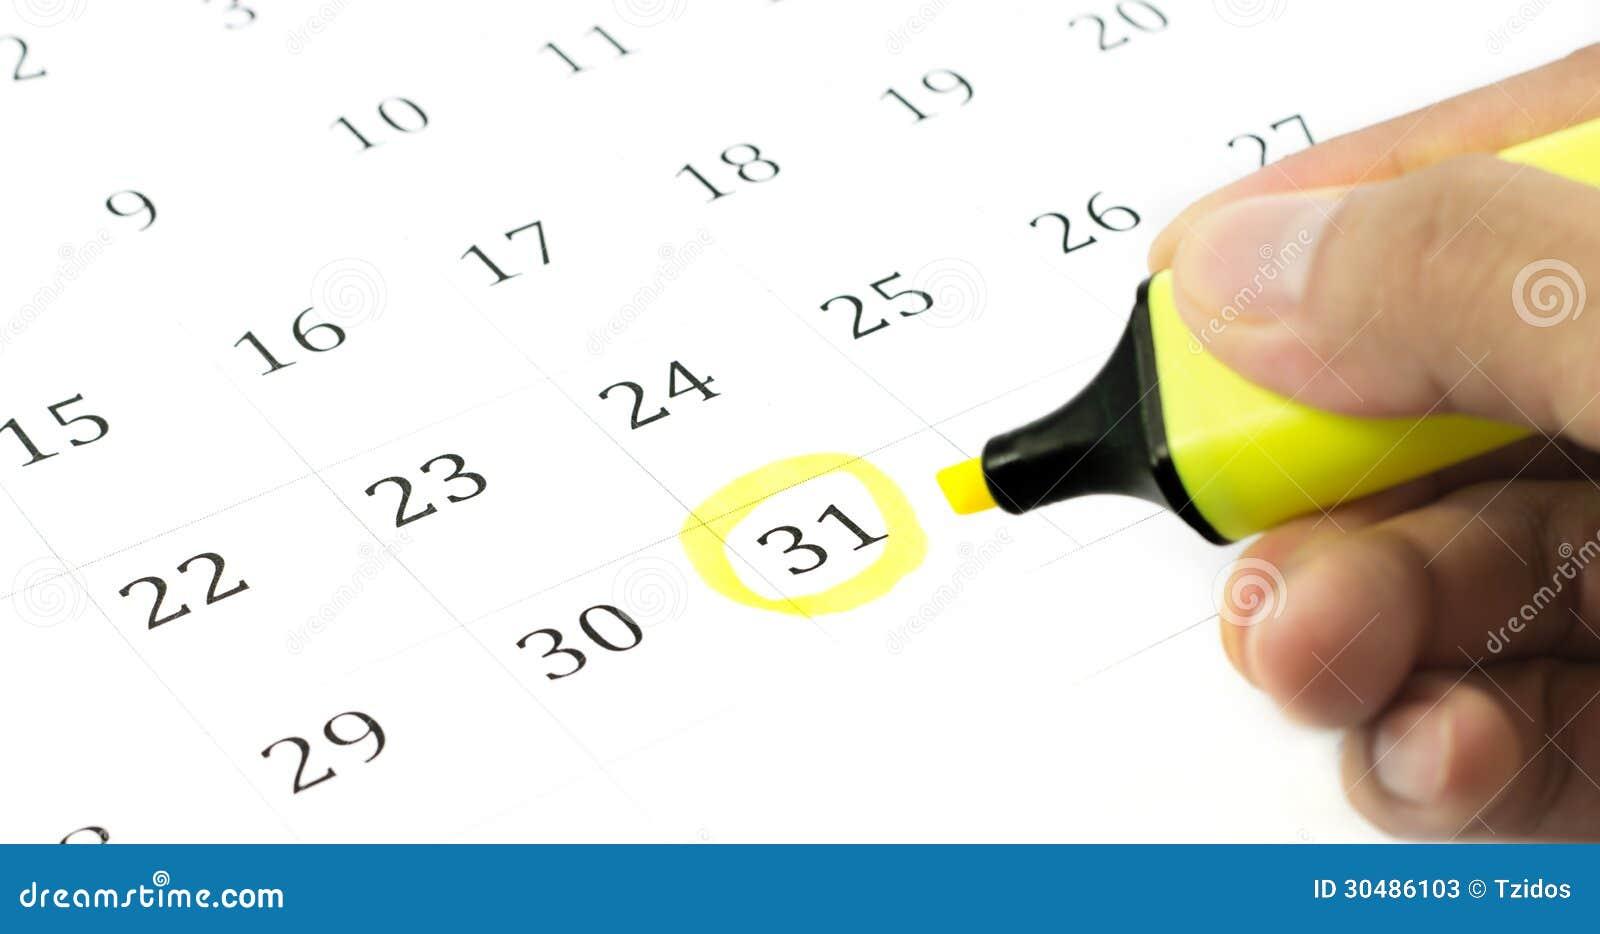 Marca Calendario.Marca En El Calendario En 31 Imagen De Archivo Imagen De Agenda